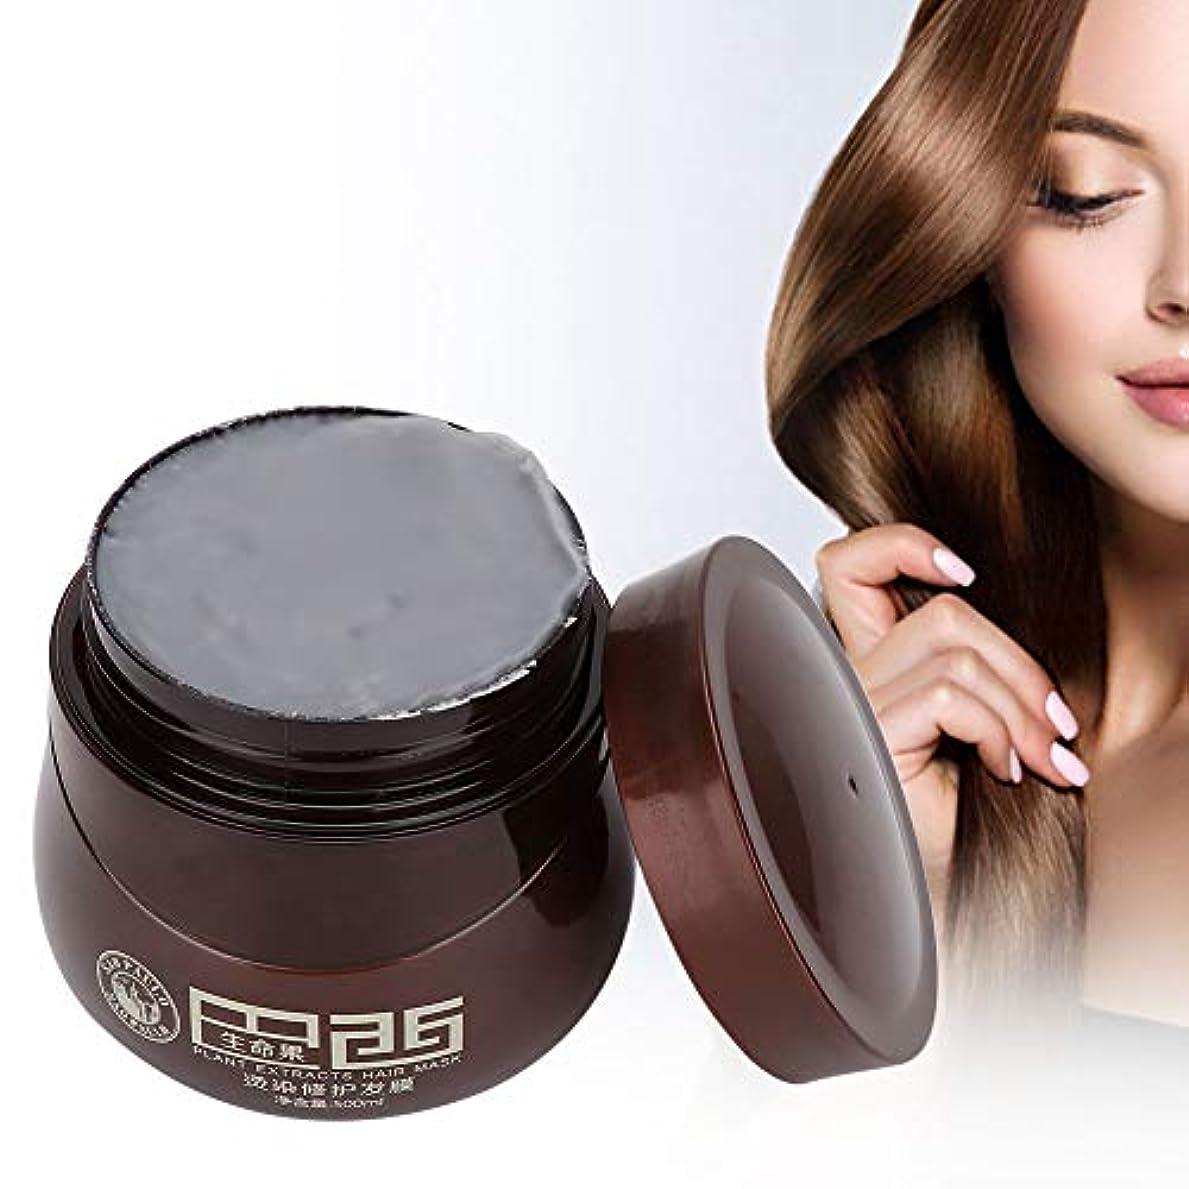 ポジティブくぼみ量ヘアマスク、染毛剤ダメージヘアナリッシングリペアマスクトリートメントコンディショナープロのヘアサロンや家庭での使用に最適500ml